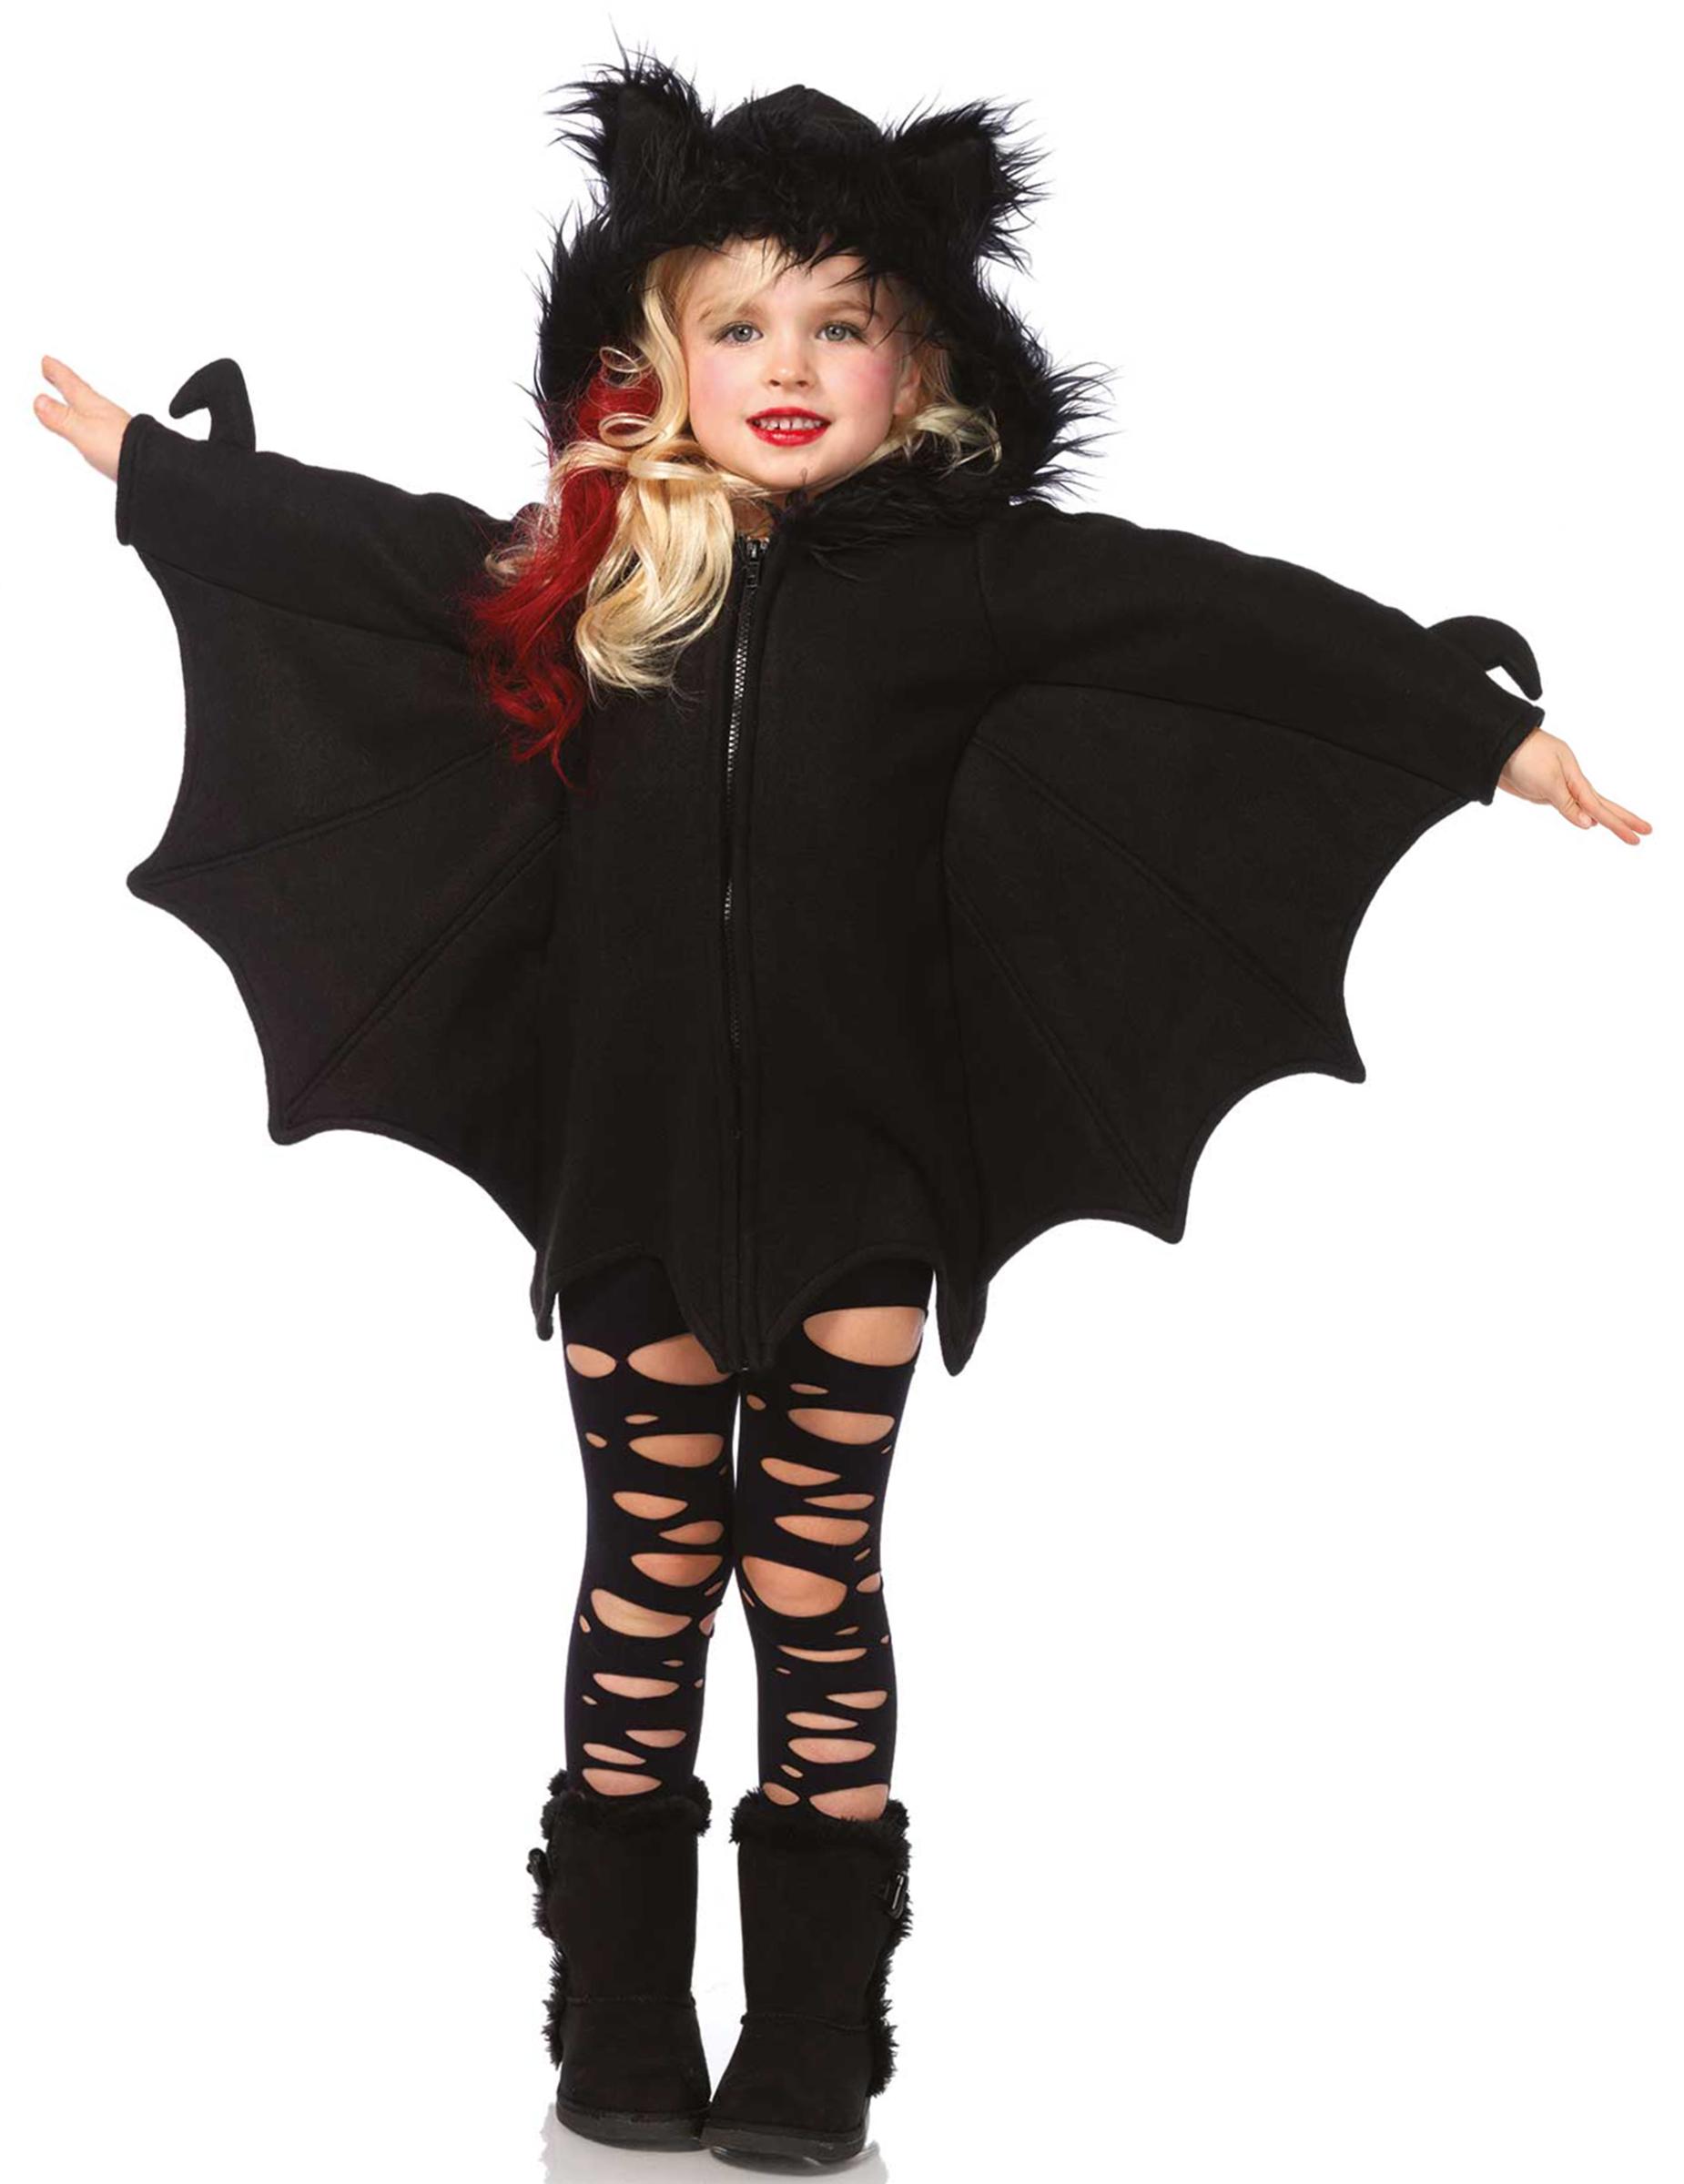 di modo attraente marchi riconosciuti confrontare il prezzo Costume pipistrello bambina